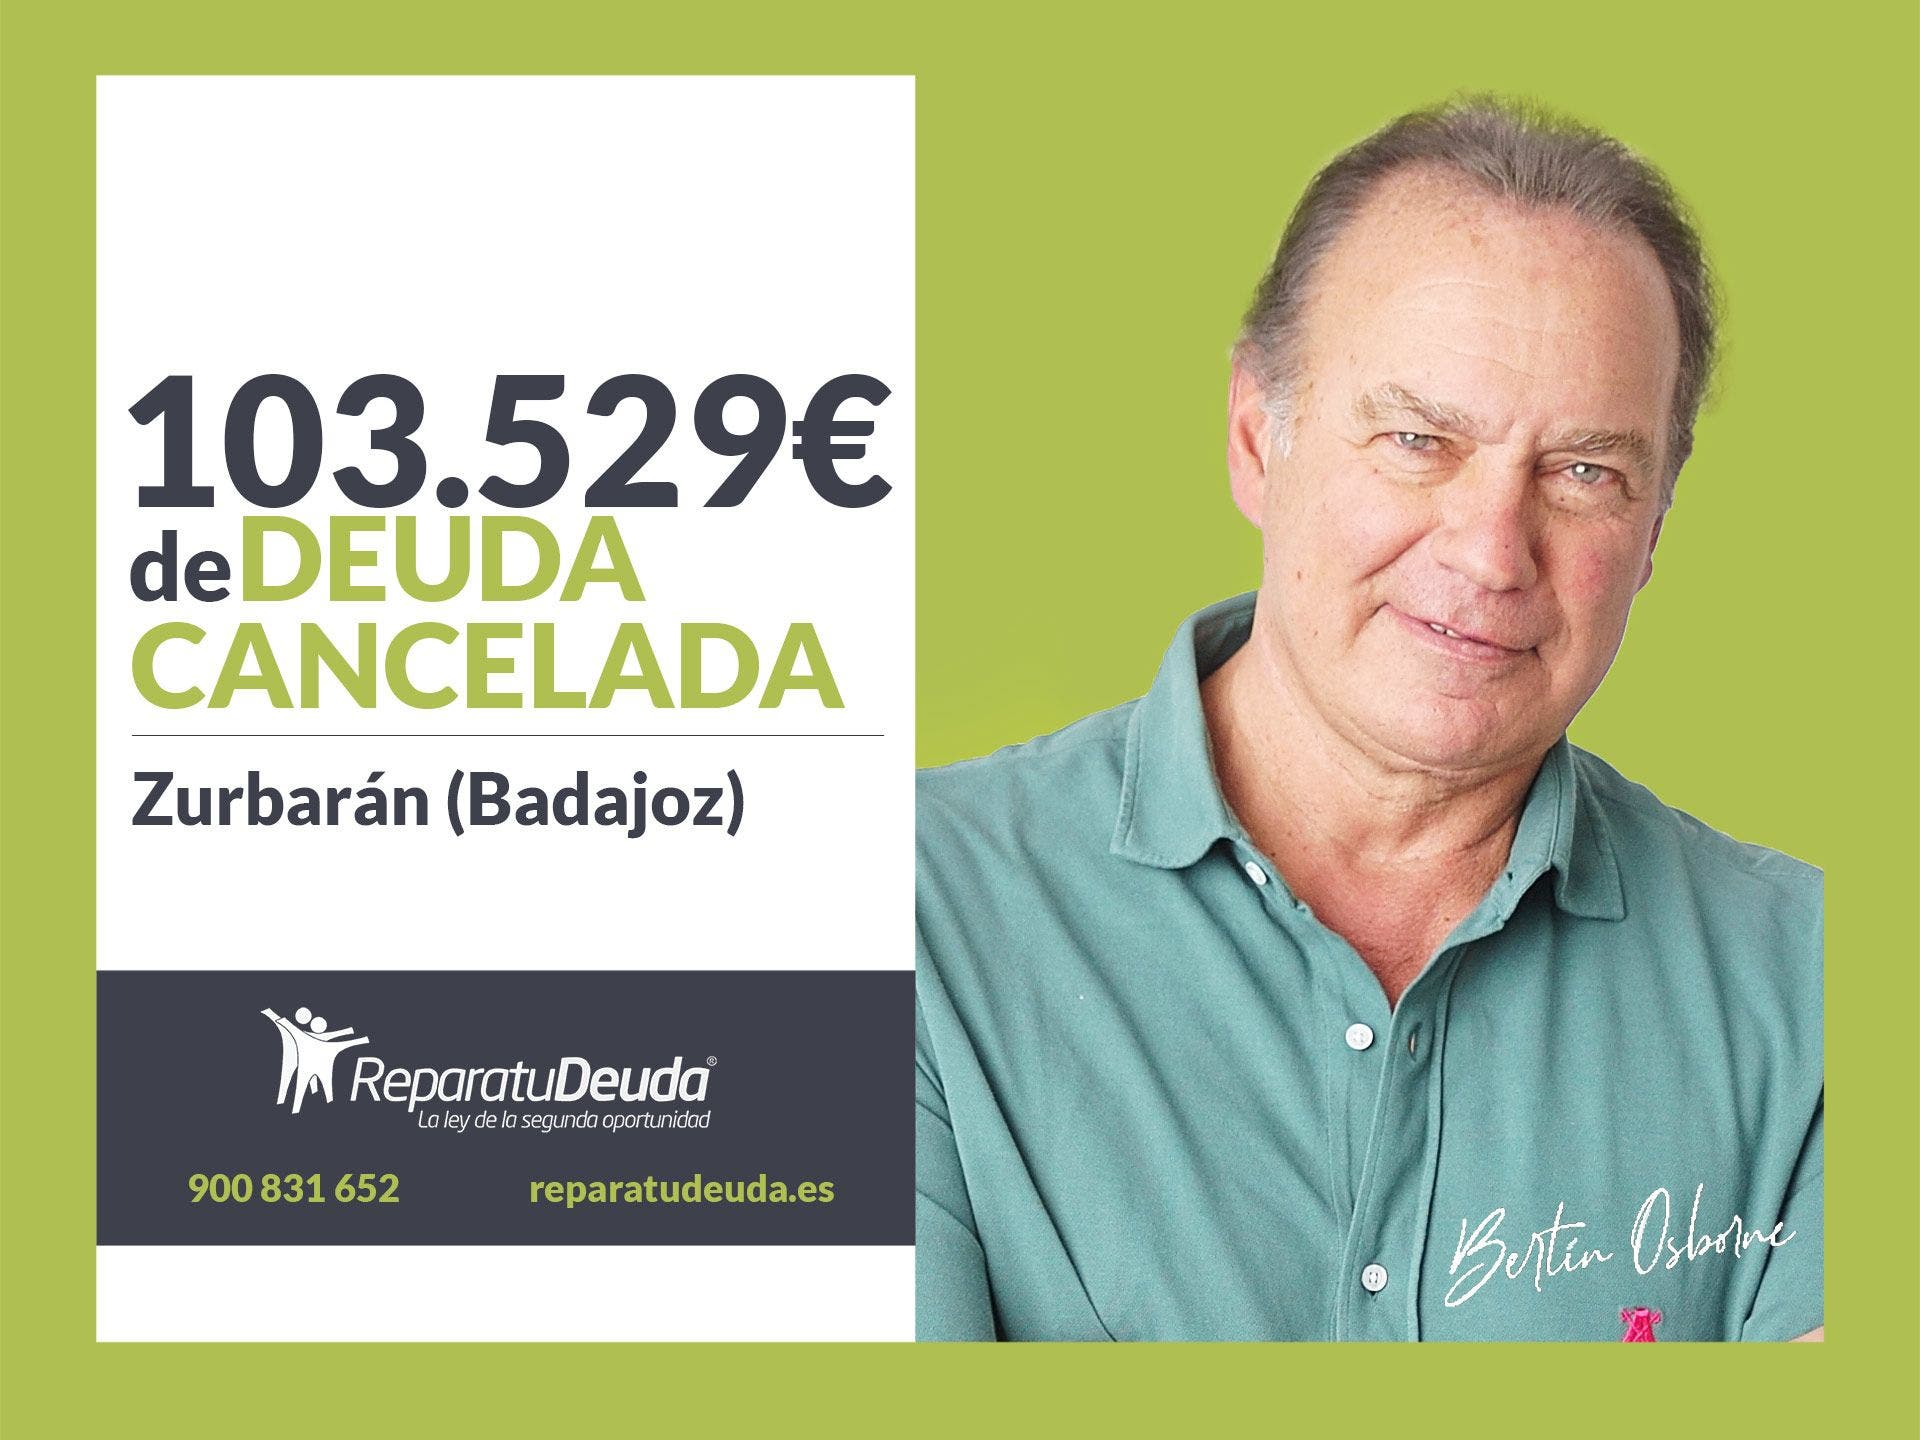 Repara tu Deuda Abogados cancela 103.529 € en Zurbarán (Badajoz) con la Ley de Segunda Oportunidad